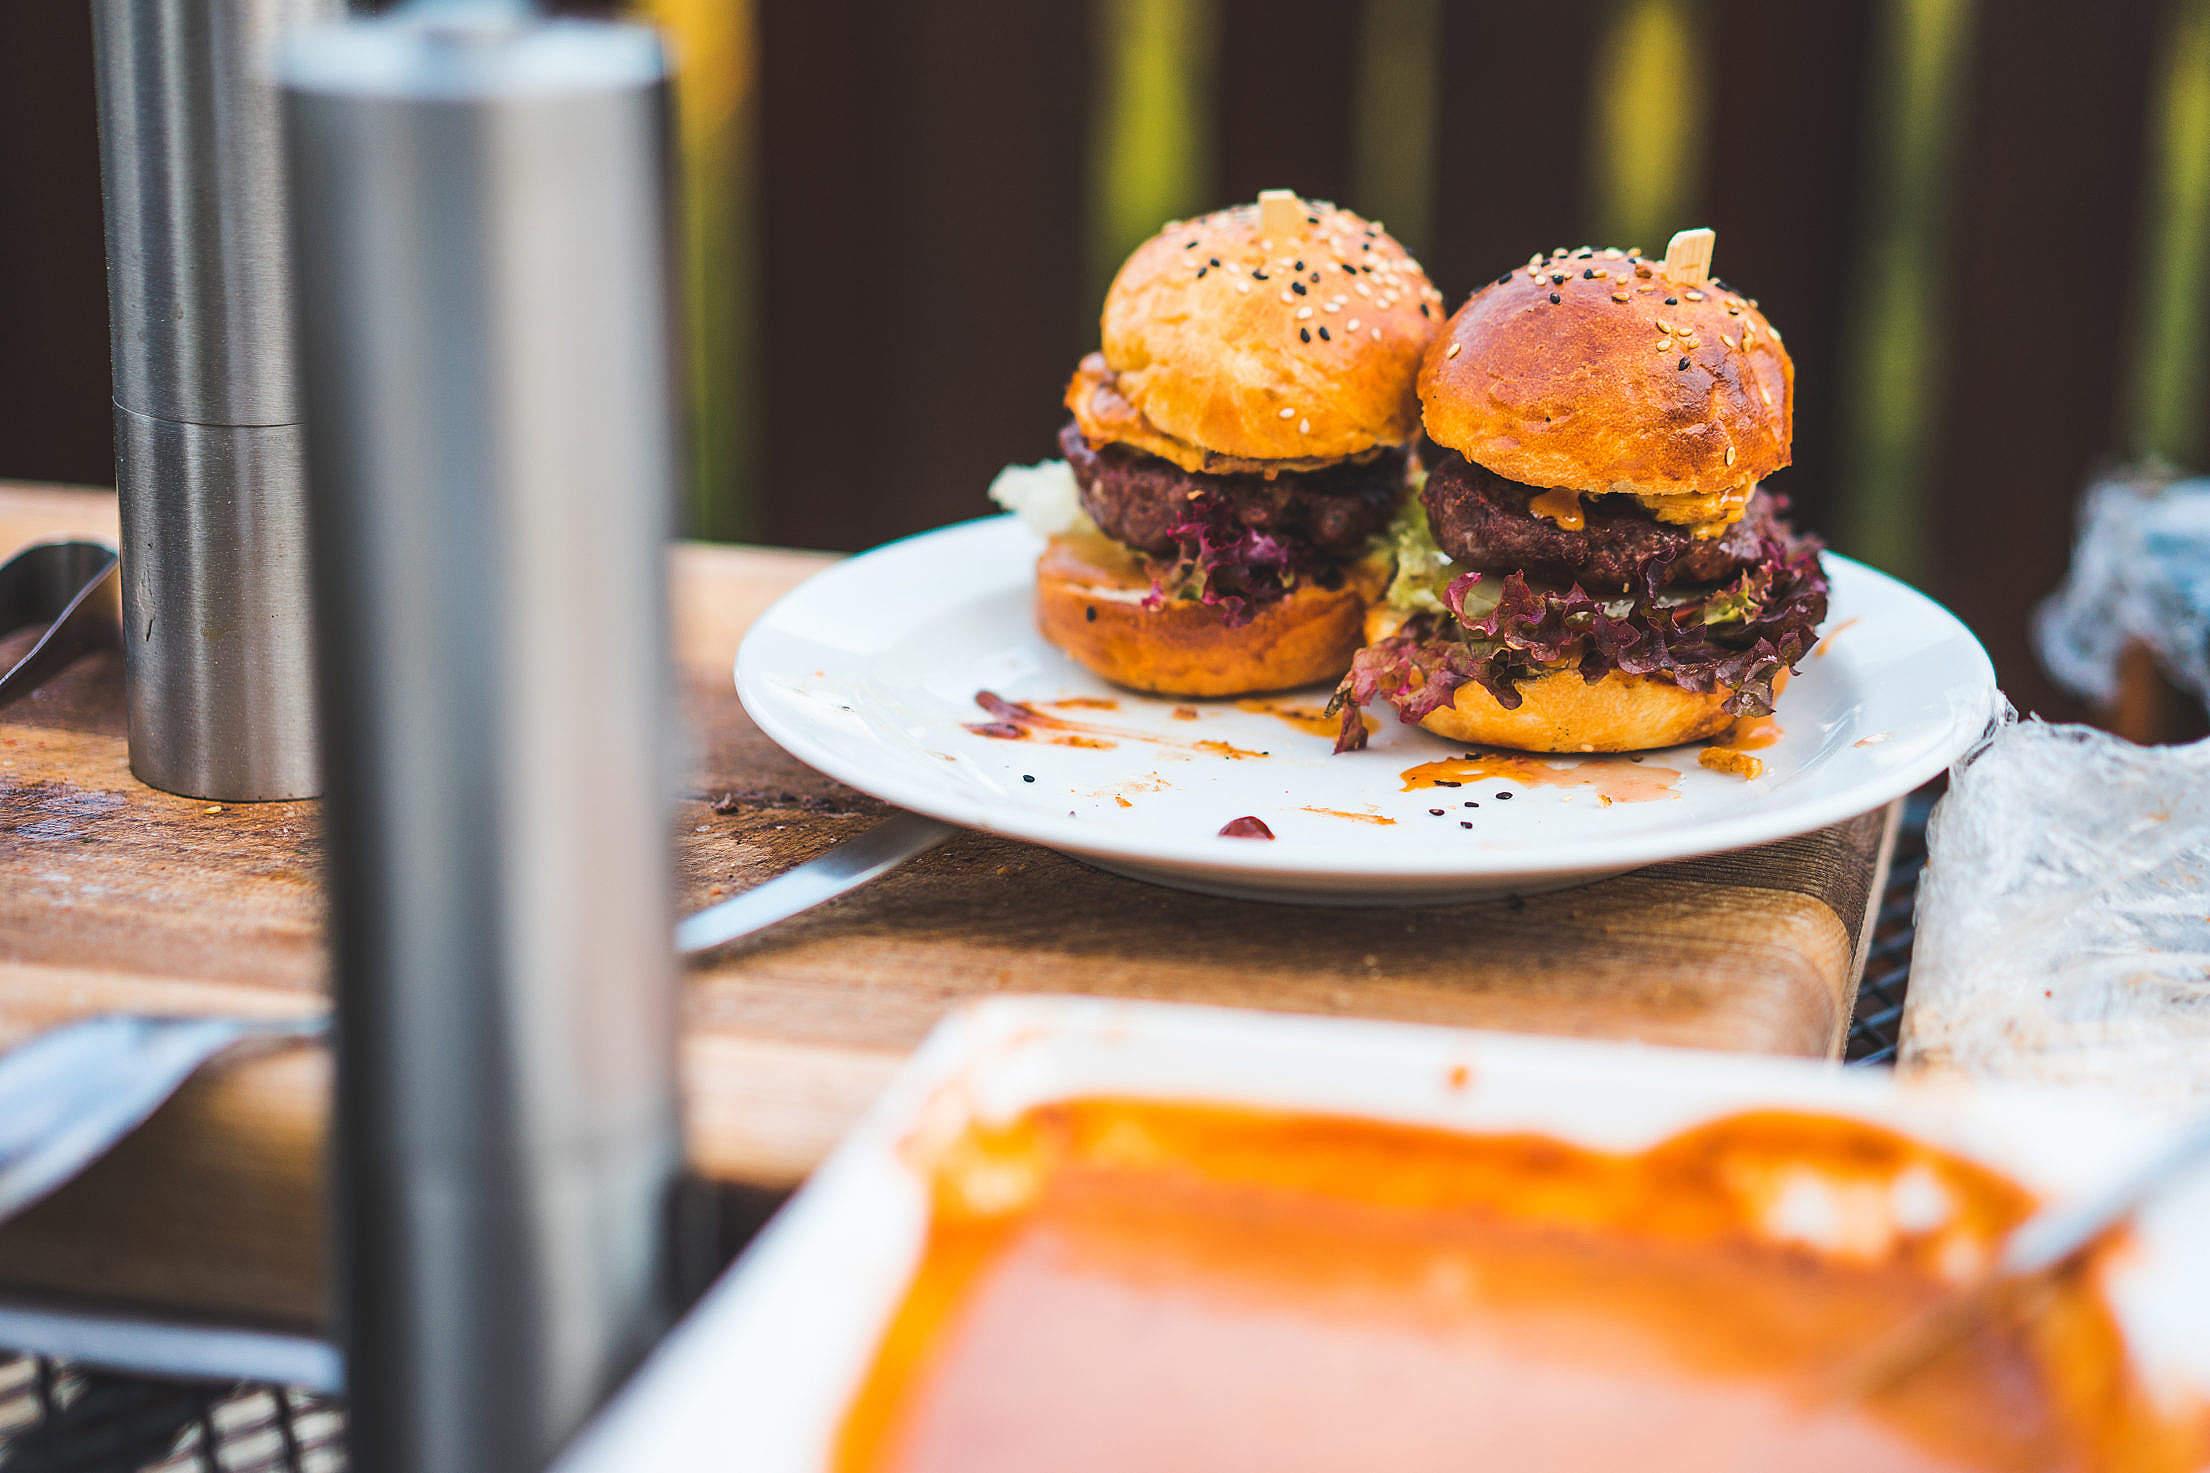 Preparing Hamburgers Free Stock Photo